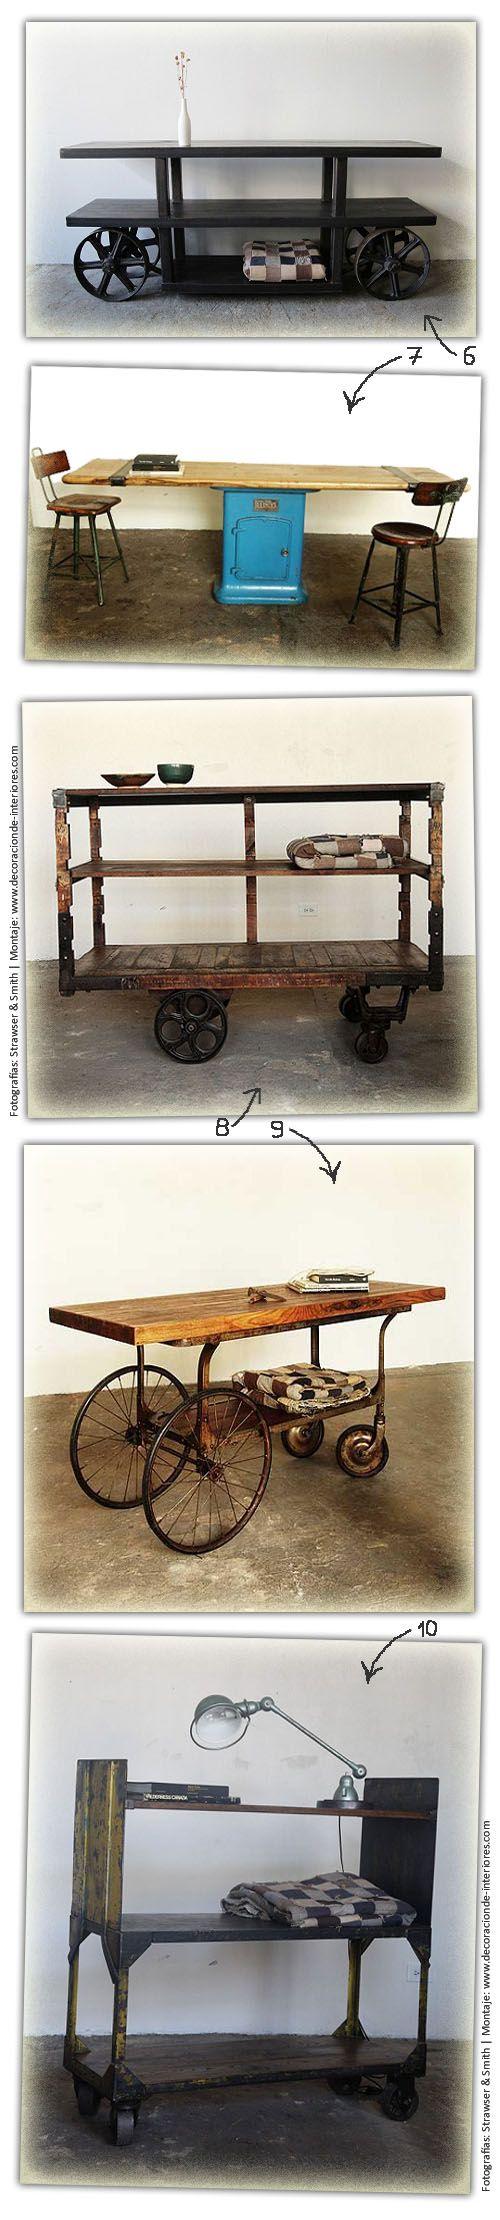 1000 images about muebles furniture on pinterest - Consola estilo industrial ...